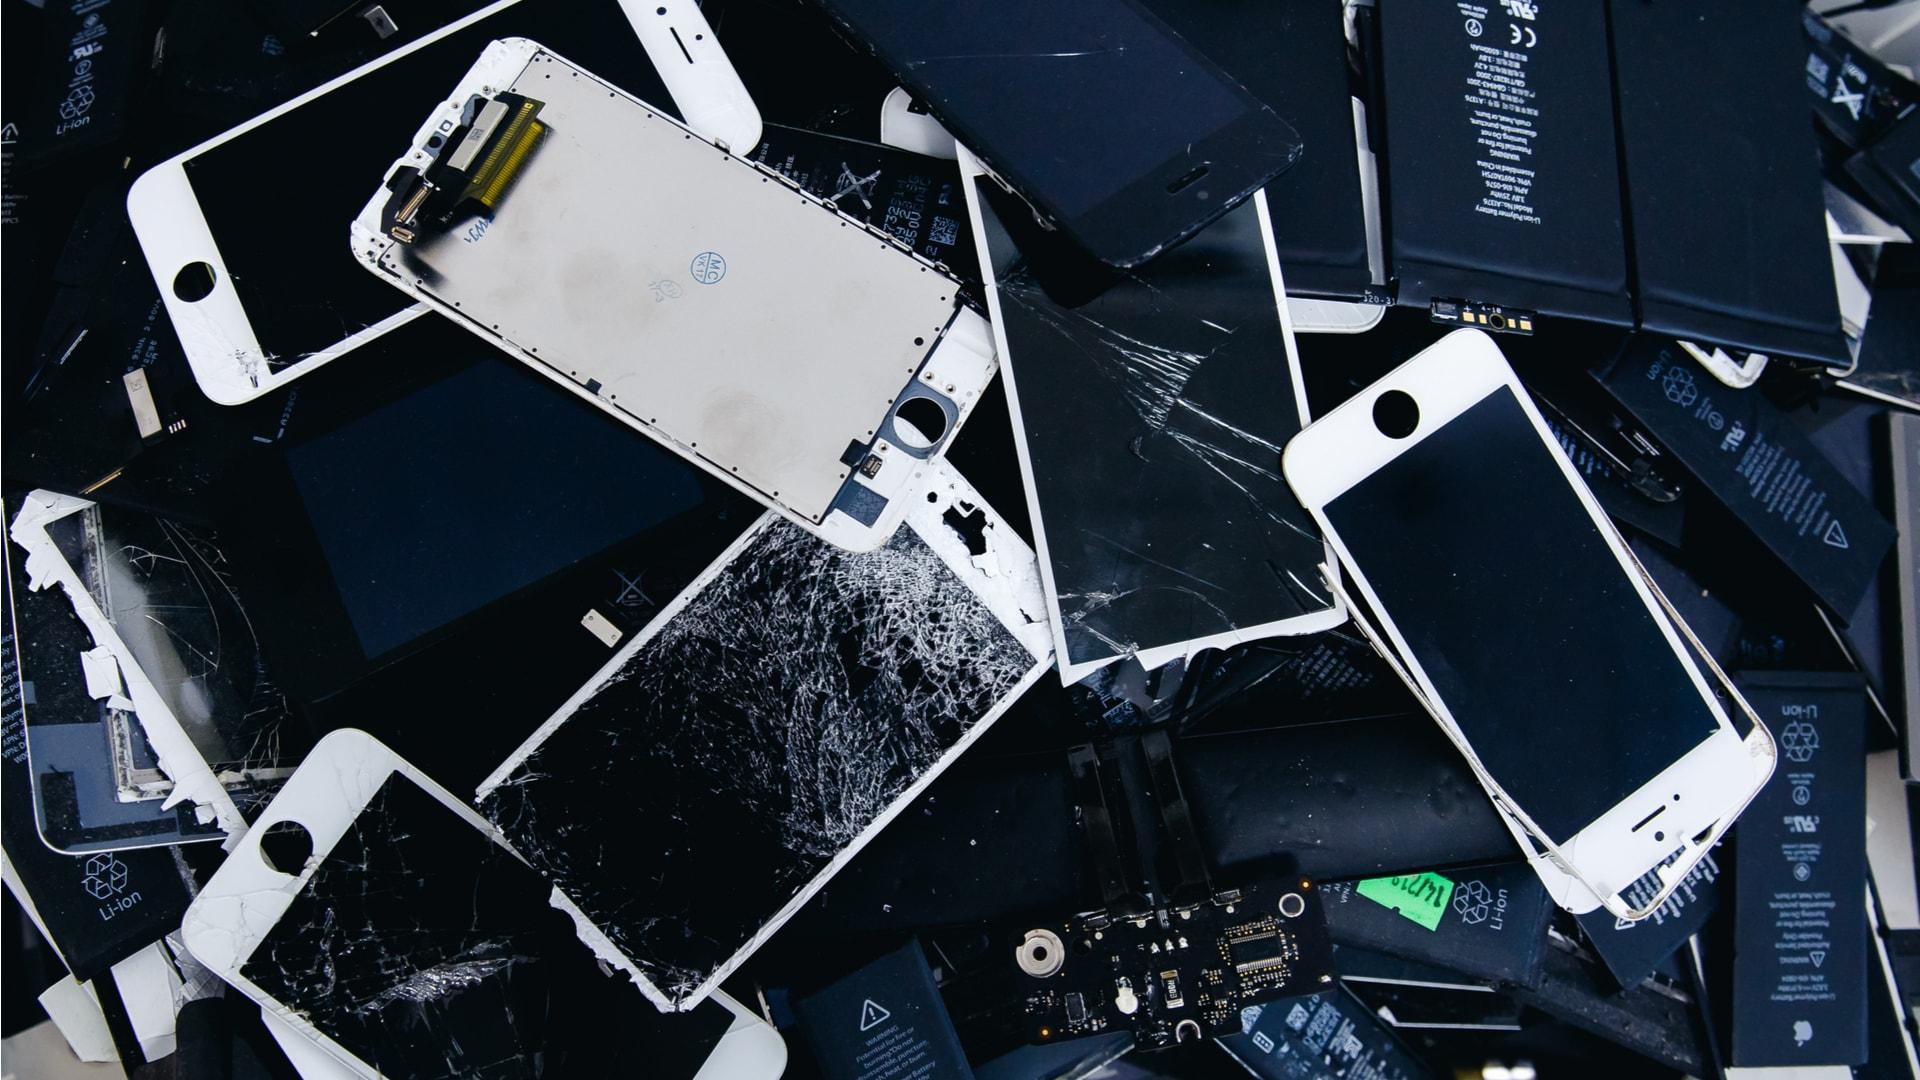 Apple obniża wydajność starych iPhone'ów. Klienci w Polsce mogą domagać się wymiany na nowe